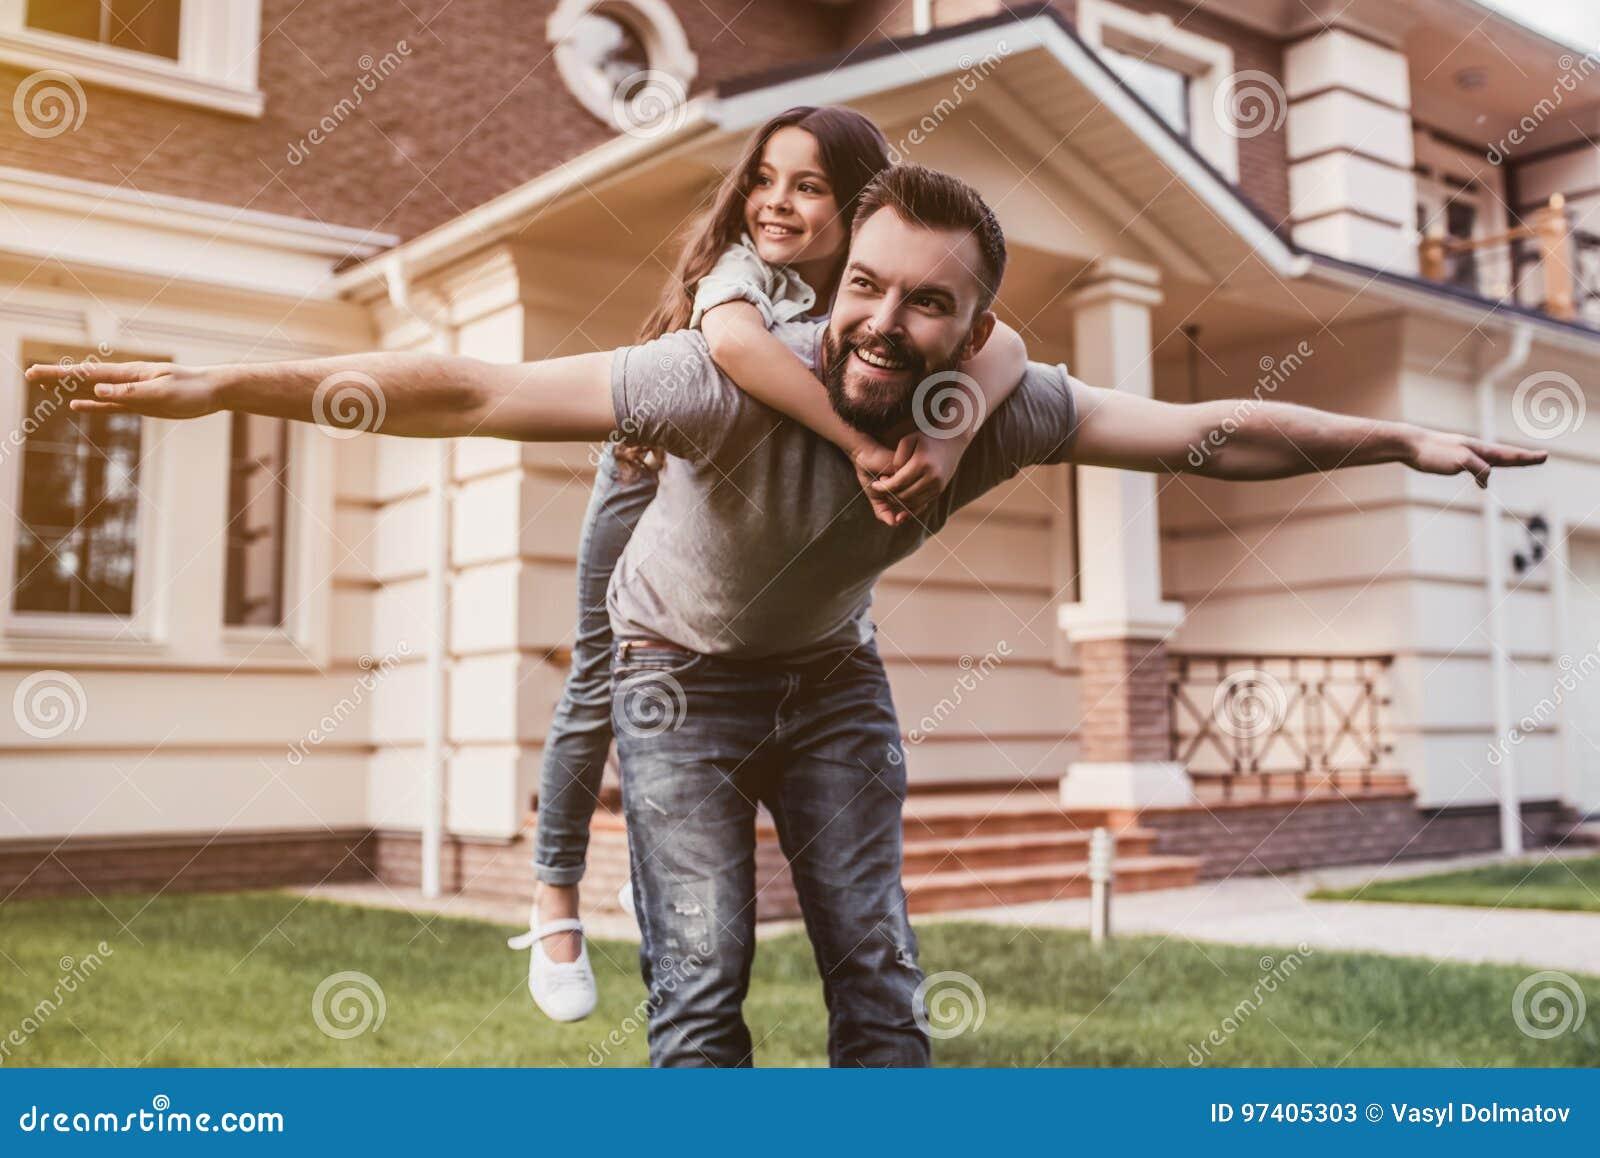 Vati mit Tochter draußen